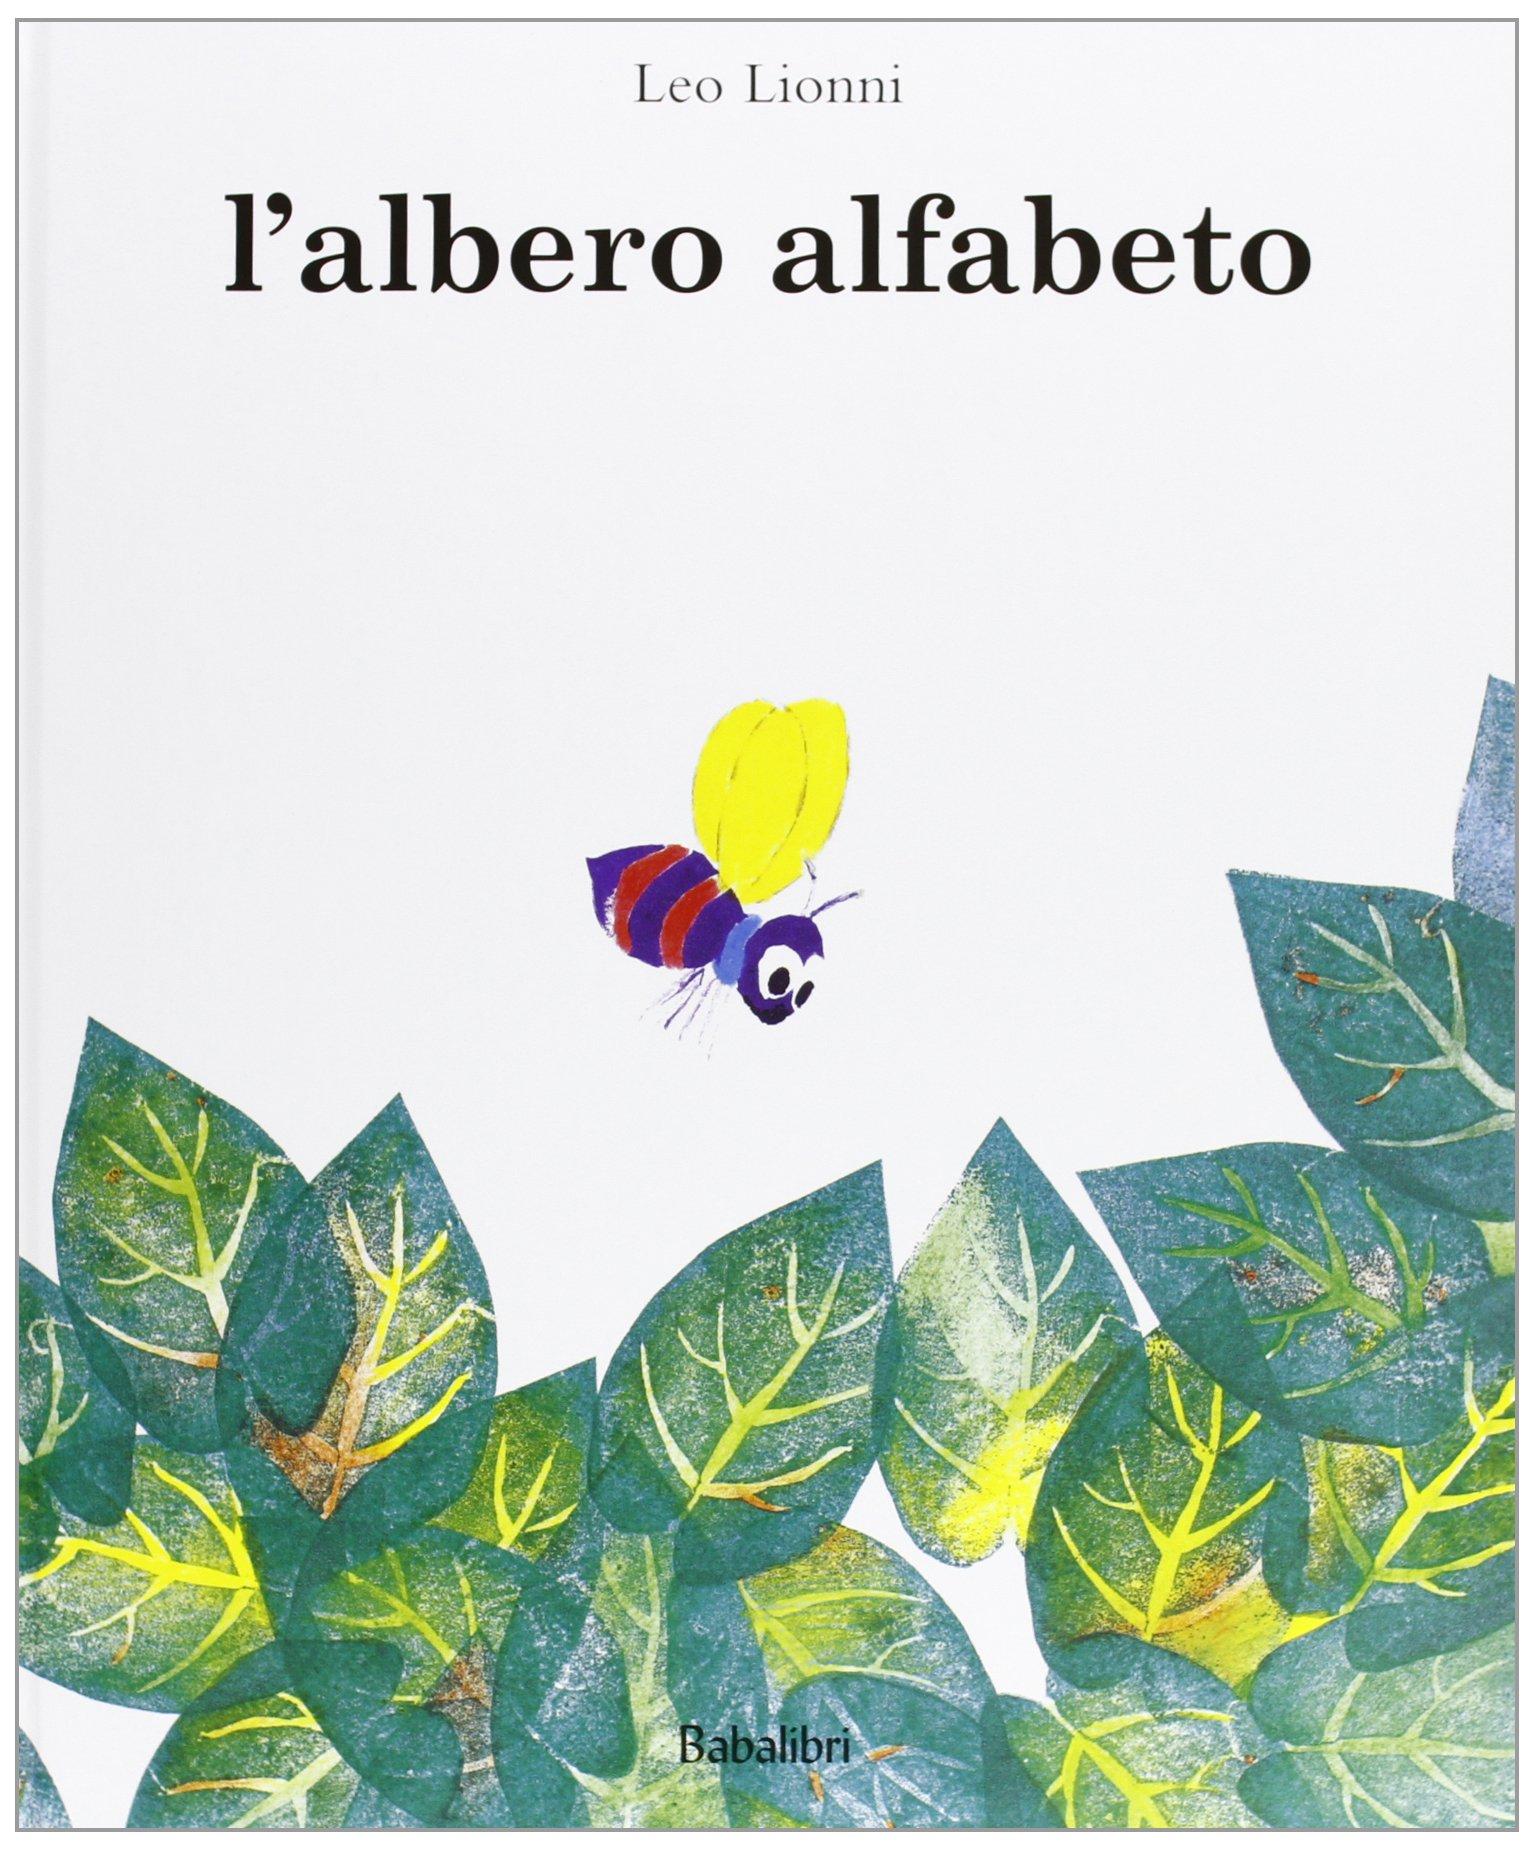 L'albero alfabeto di Leo Lionni